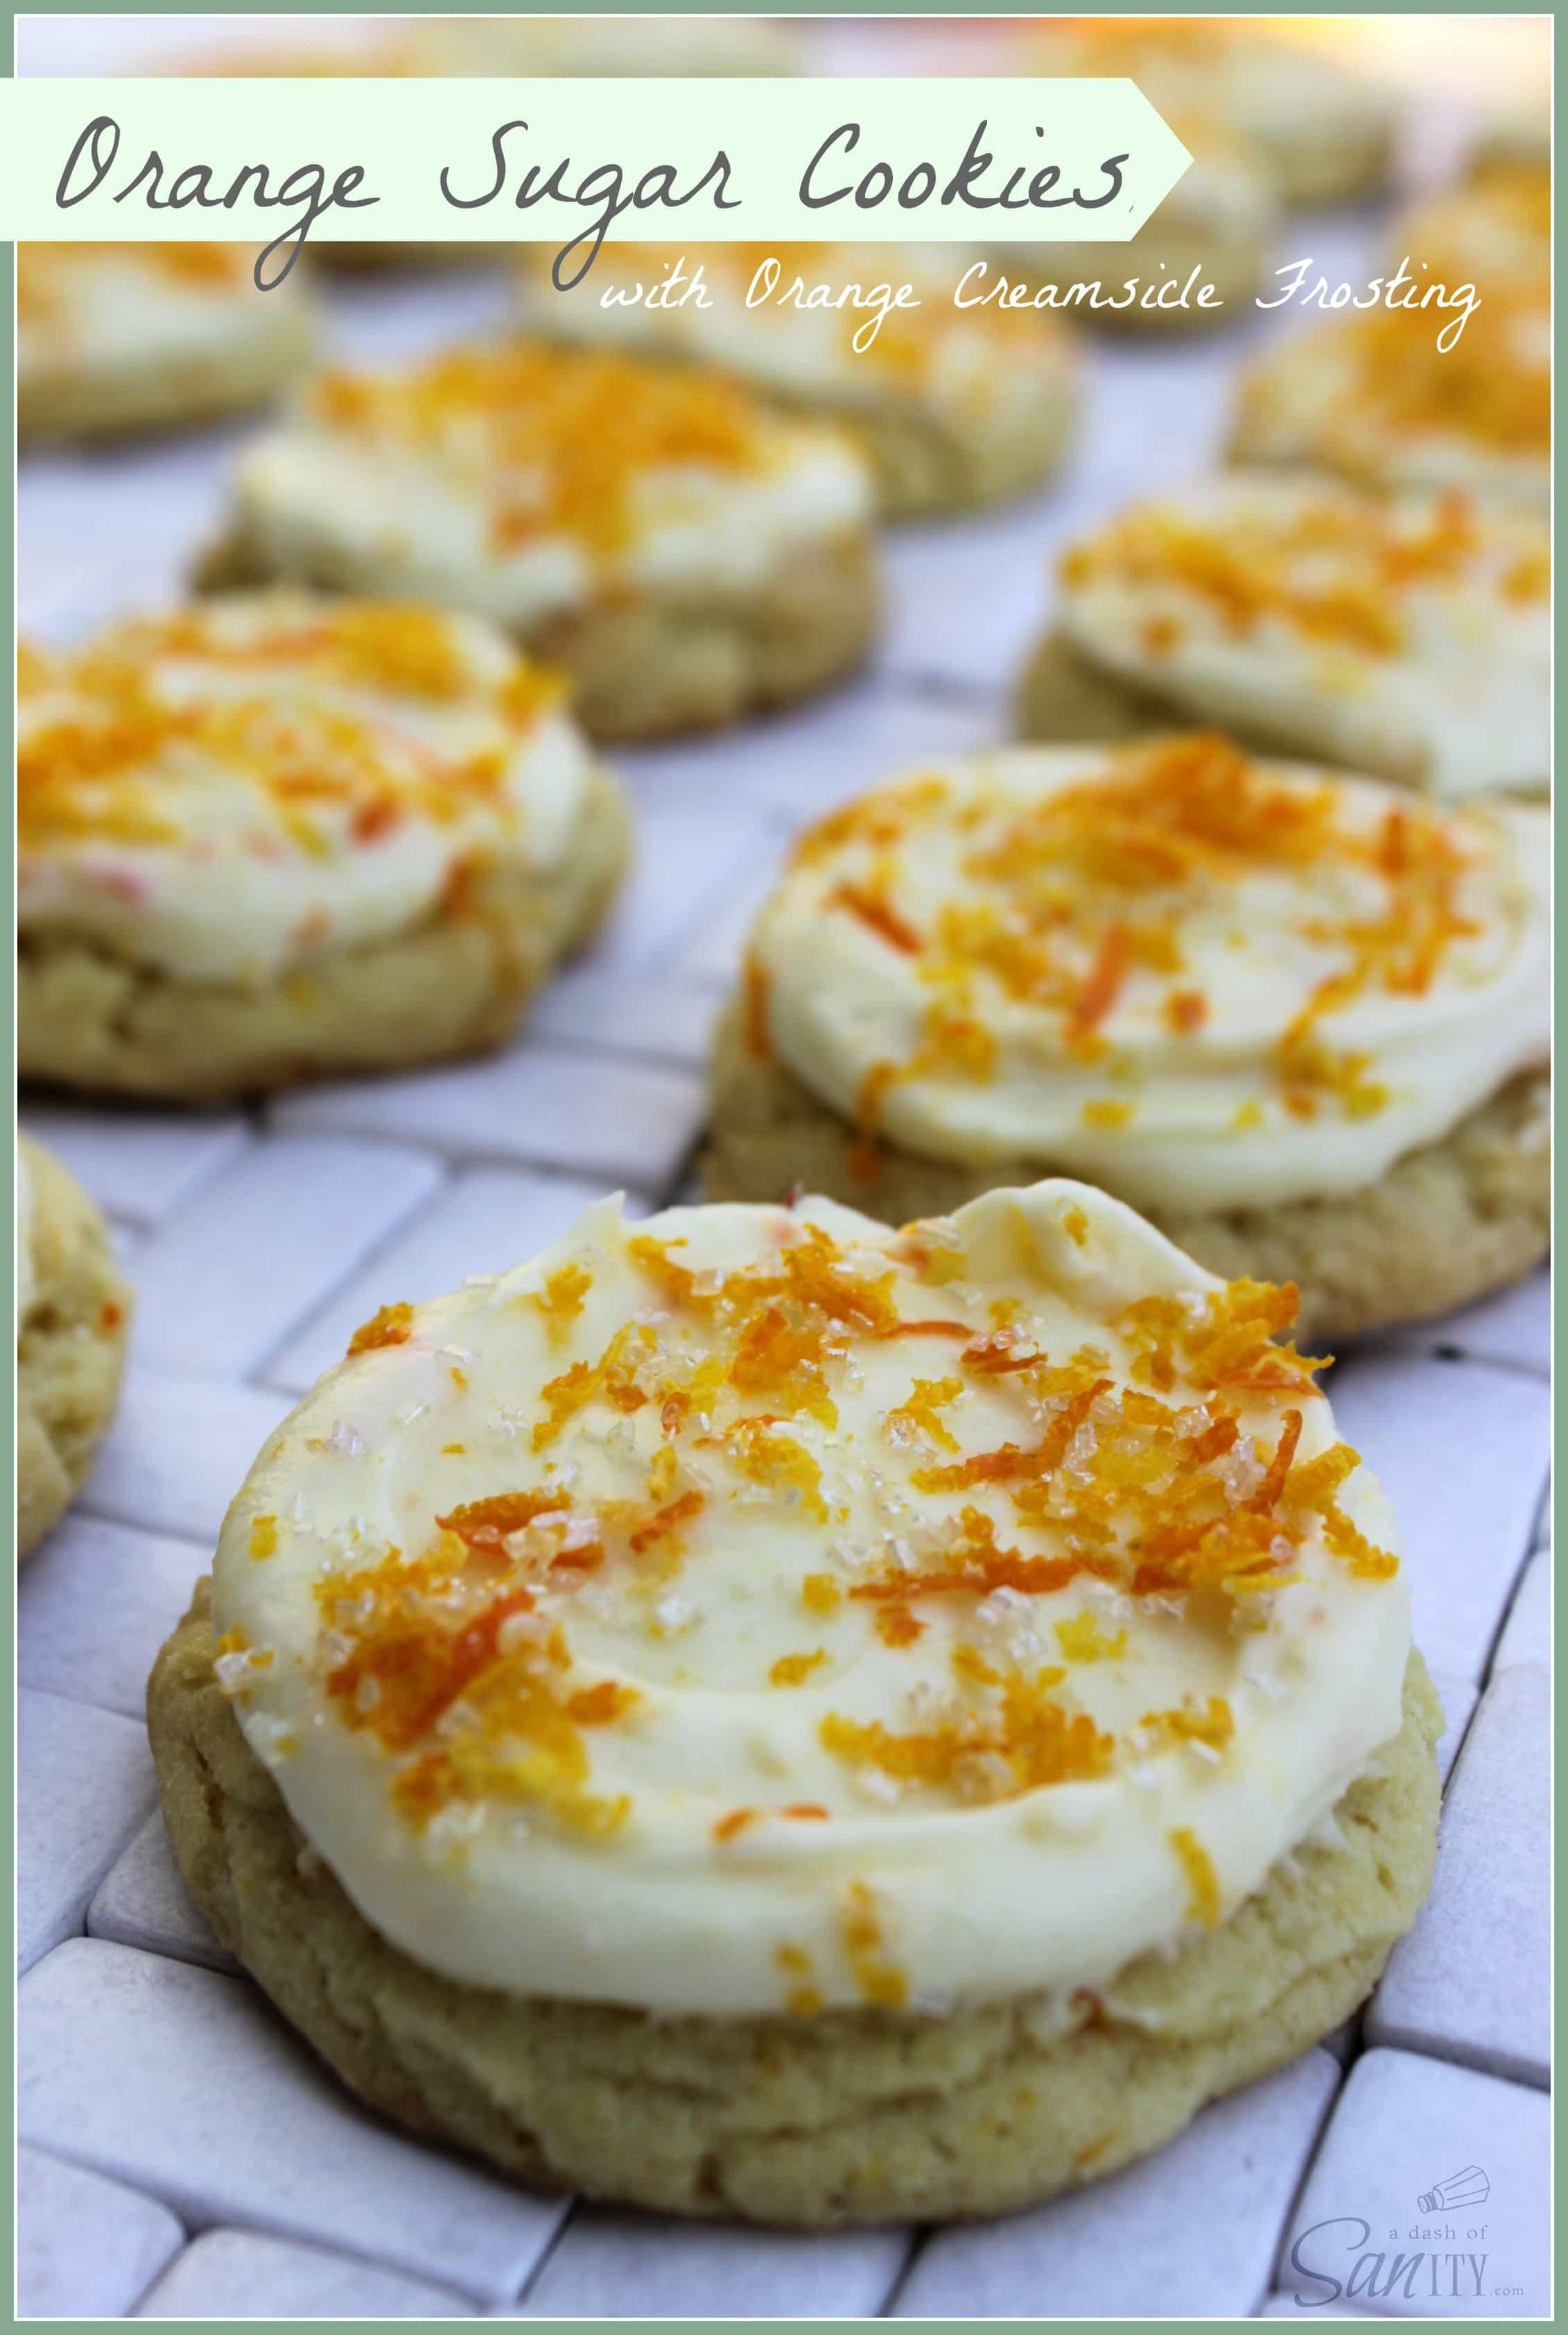 Orange Sugar Cookie with Orange Creamsicle Frosting